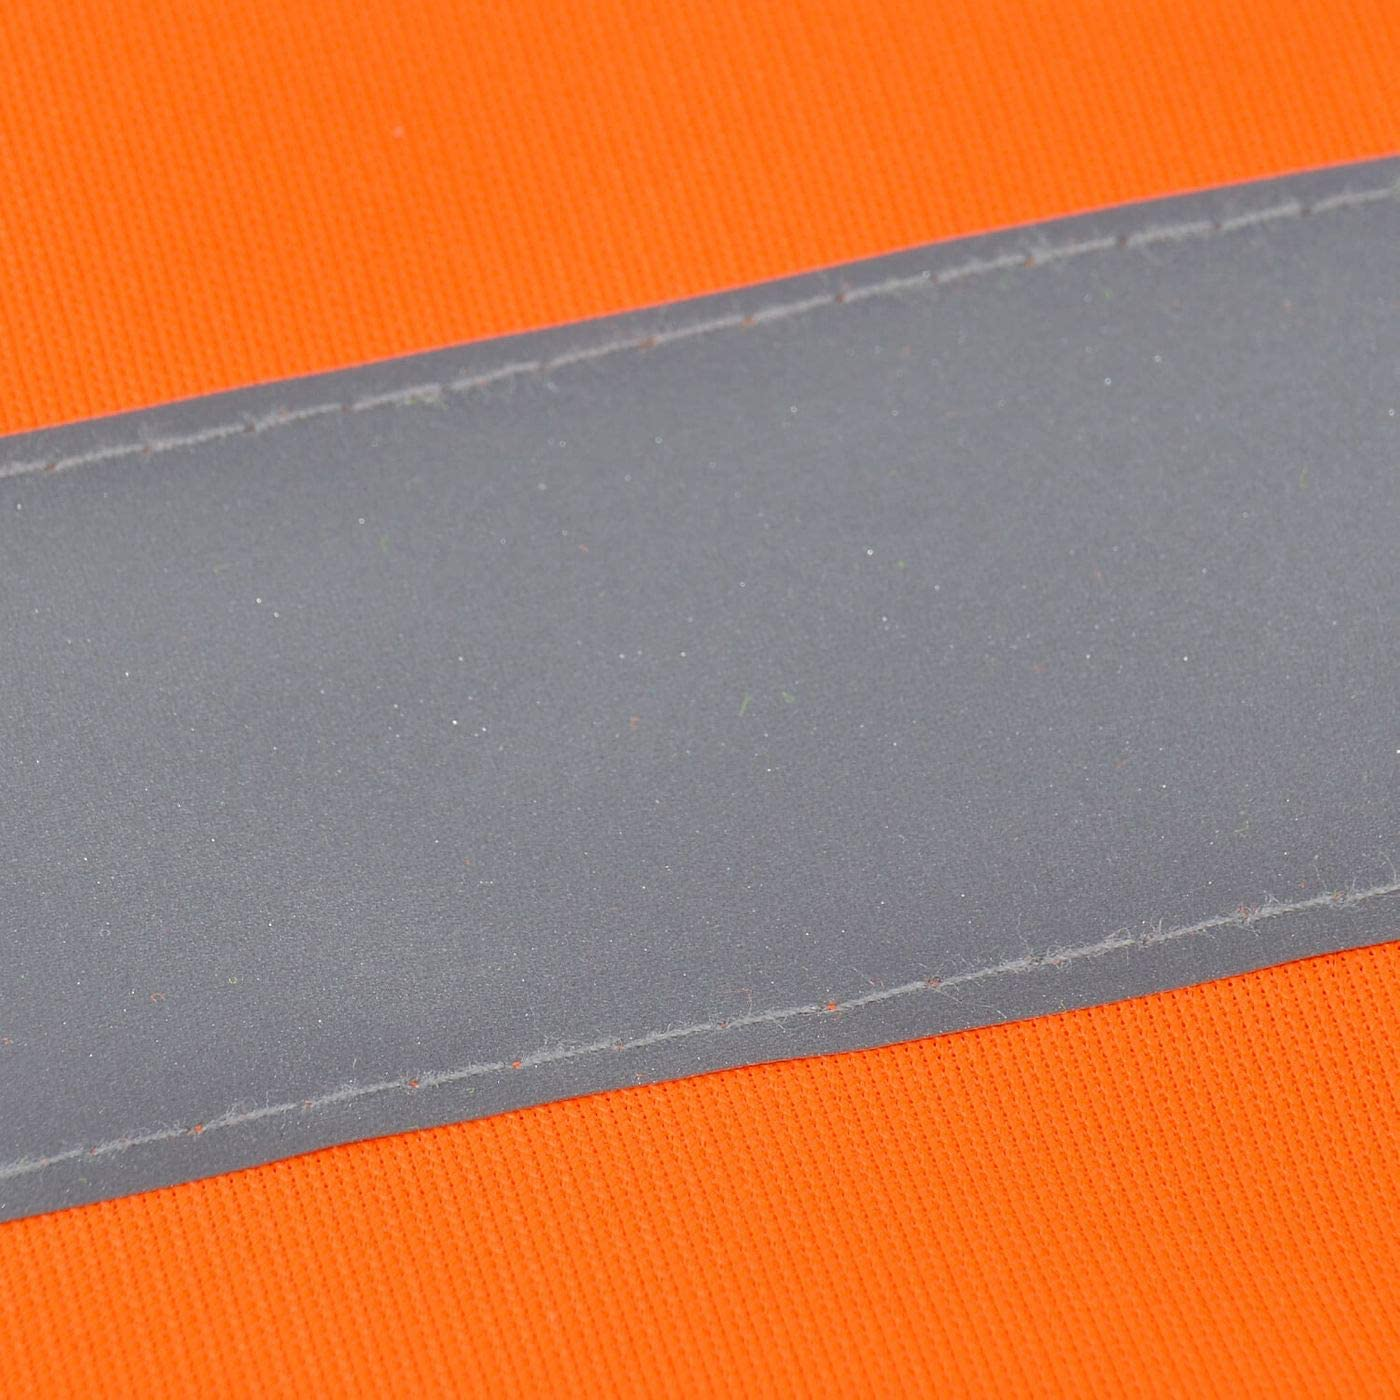 Warnweste Bitte Abstand Halten Sicherheitsweste Signal Weste Auto Joggen Laufweste Erwachsene Reflektor Orange Gelb Mit Klettverschluss M Neonorange Baumarkt